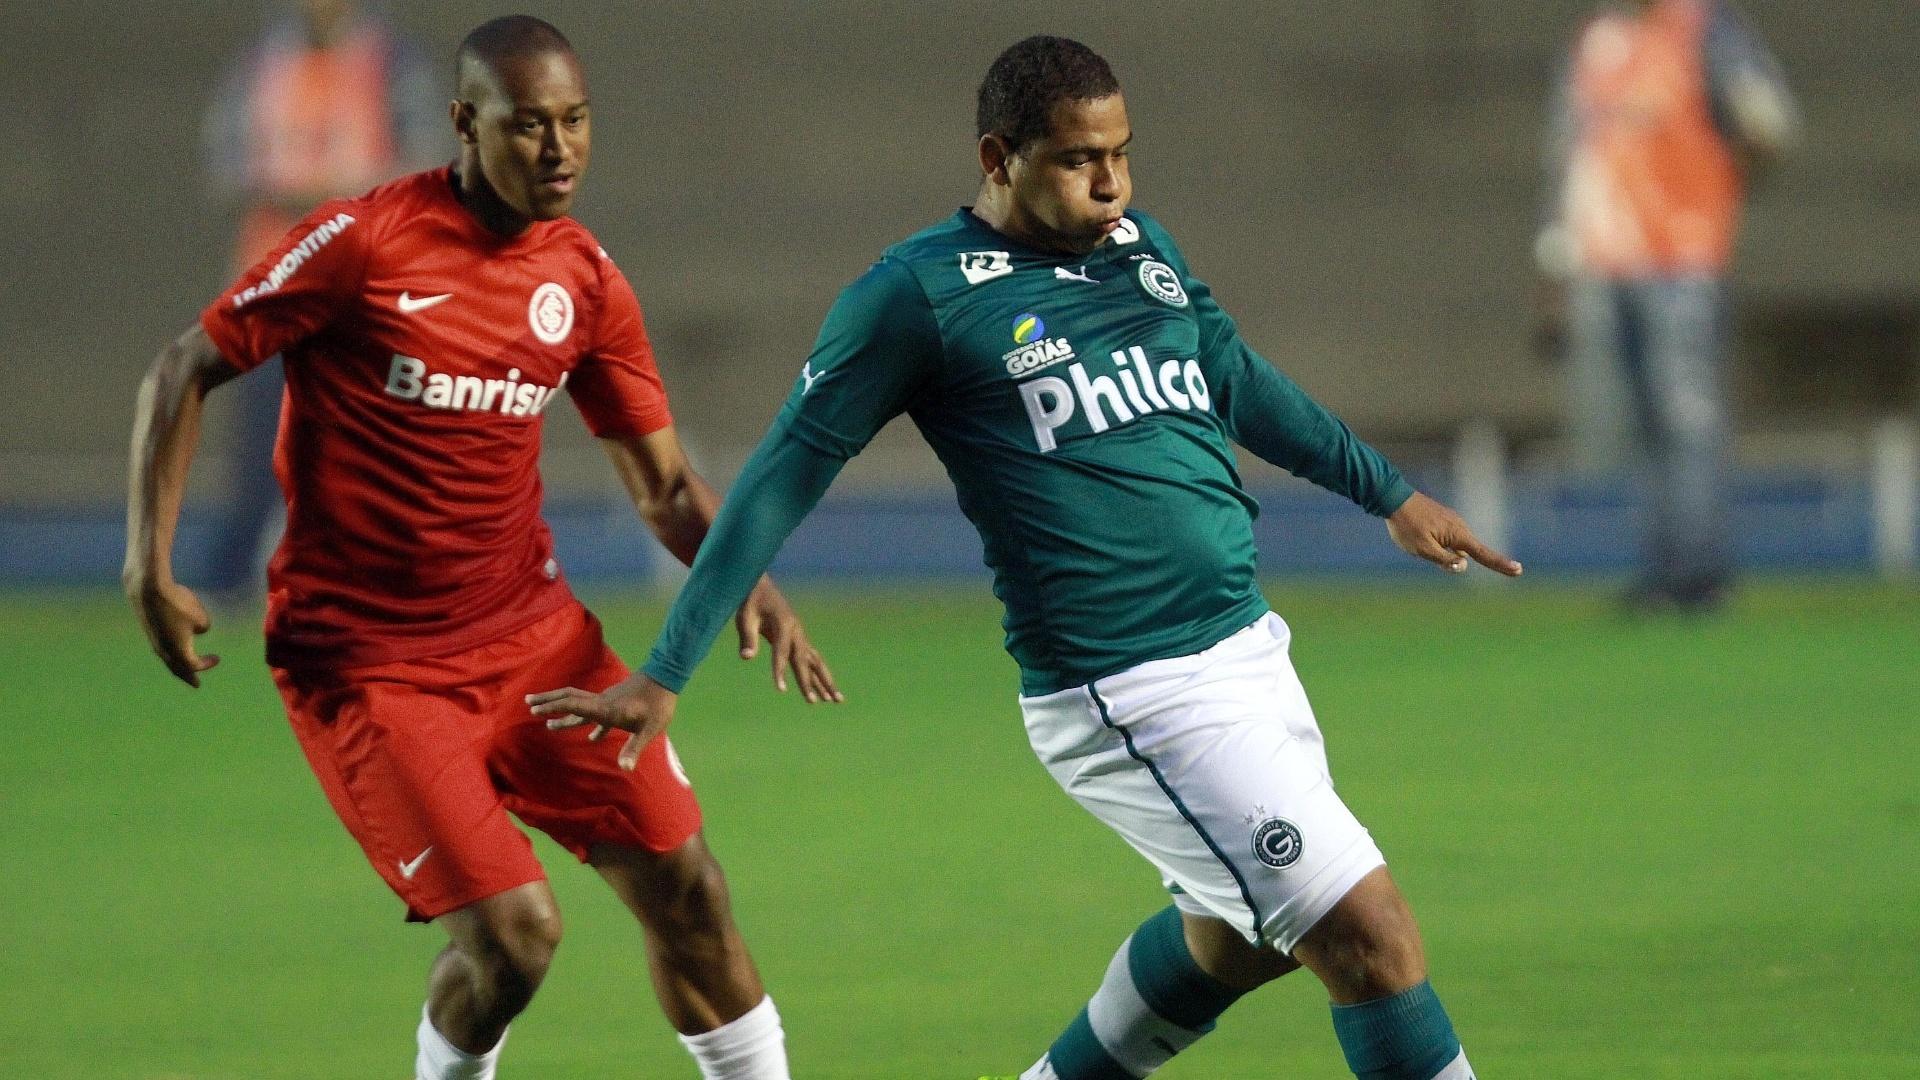 17.nov.2013 - Marcado por Fabrício (esq.), do Internacional, Walter domina a bola pelo Goiás. Ele foi o autor de um dos gols do Goiás